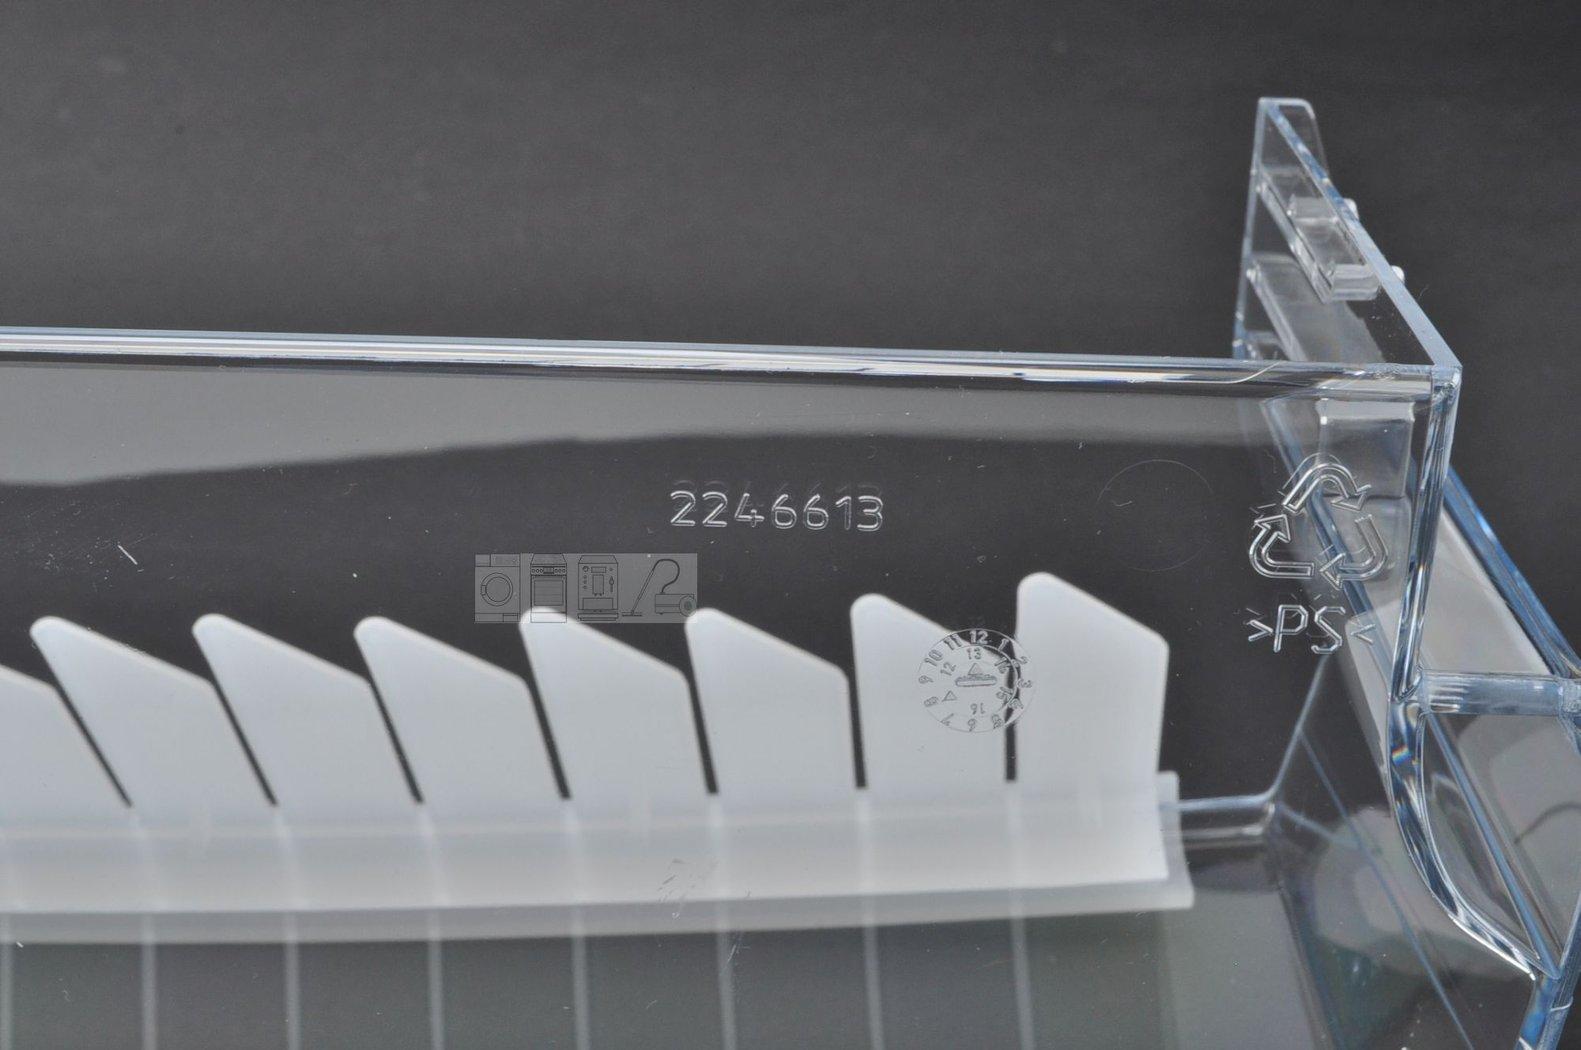 Gorenje Kühlschrank Flaschenfach : Ersatzteile privileg kühlschrank flaschenfach helen blog